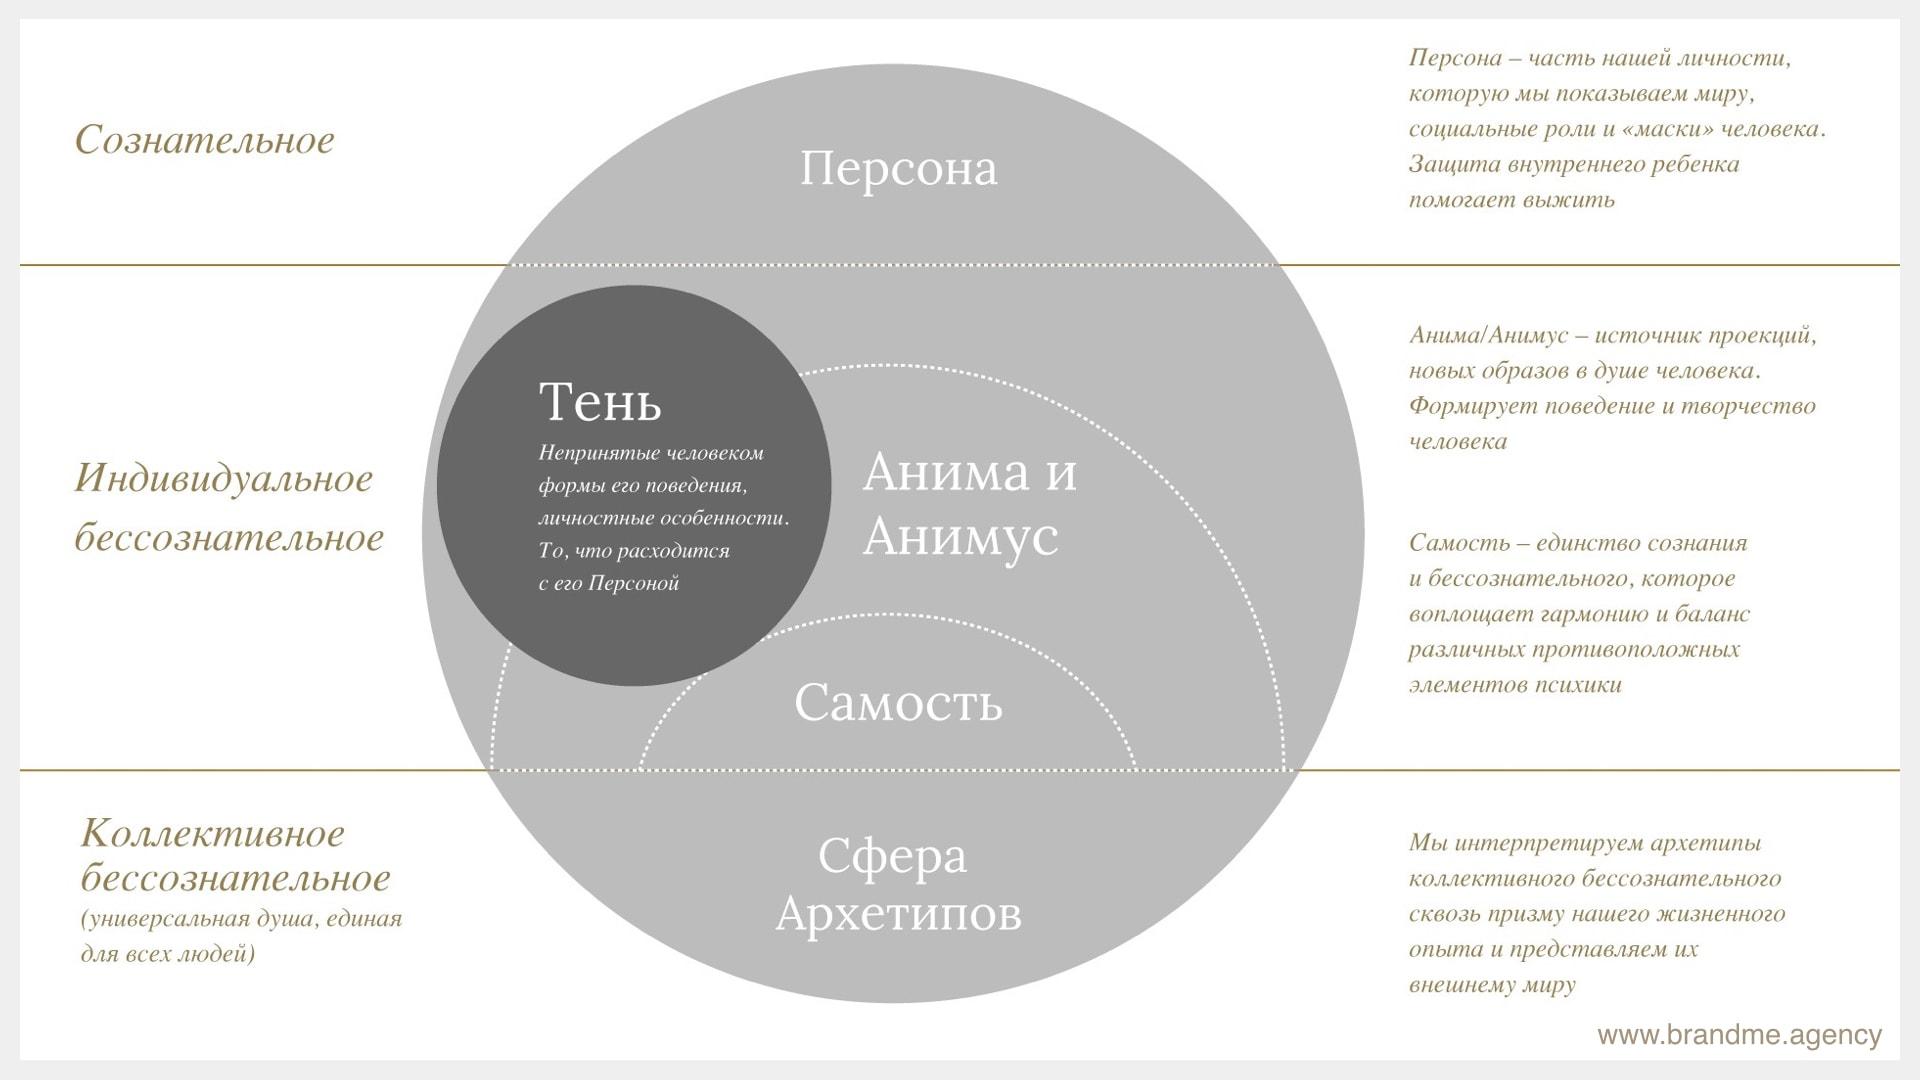 Как создать свой бренд с помощью архетипов